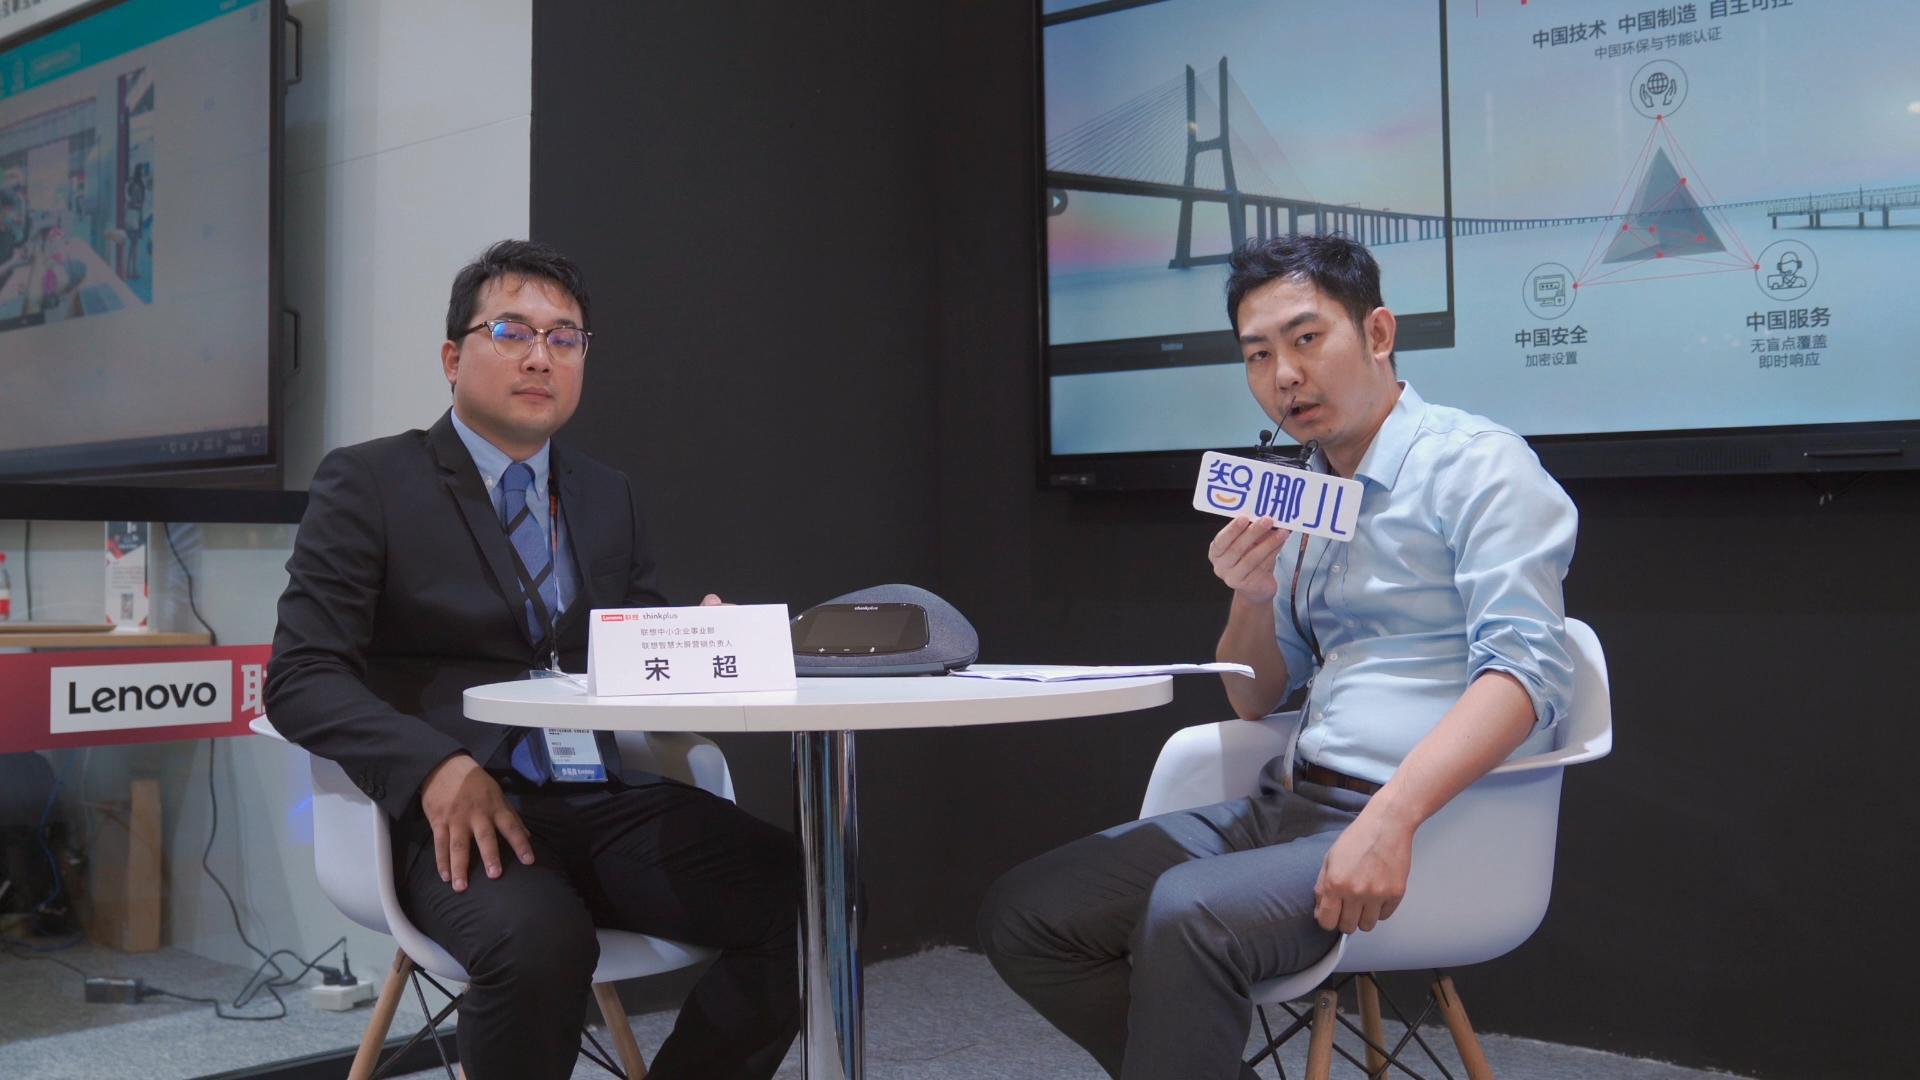 上海国际智慧办公展,智哪儿独家专访联想!